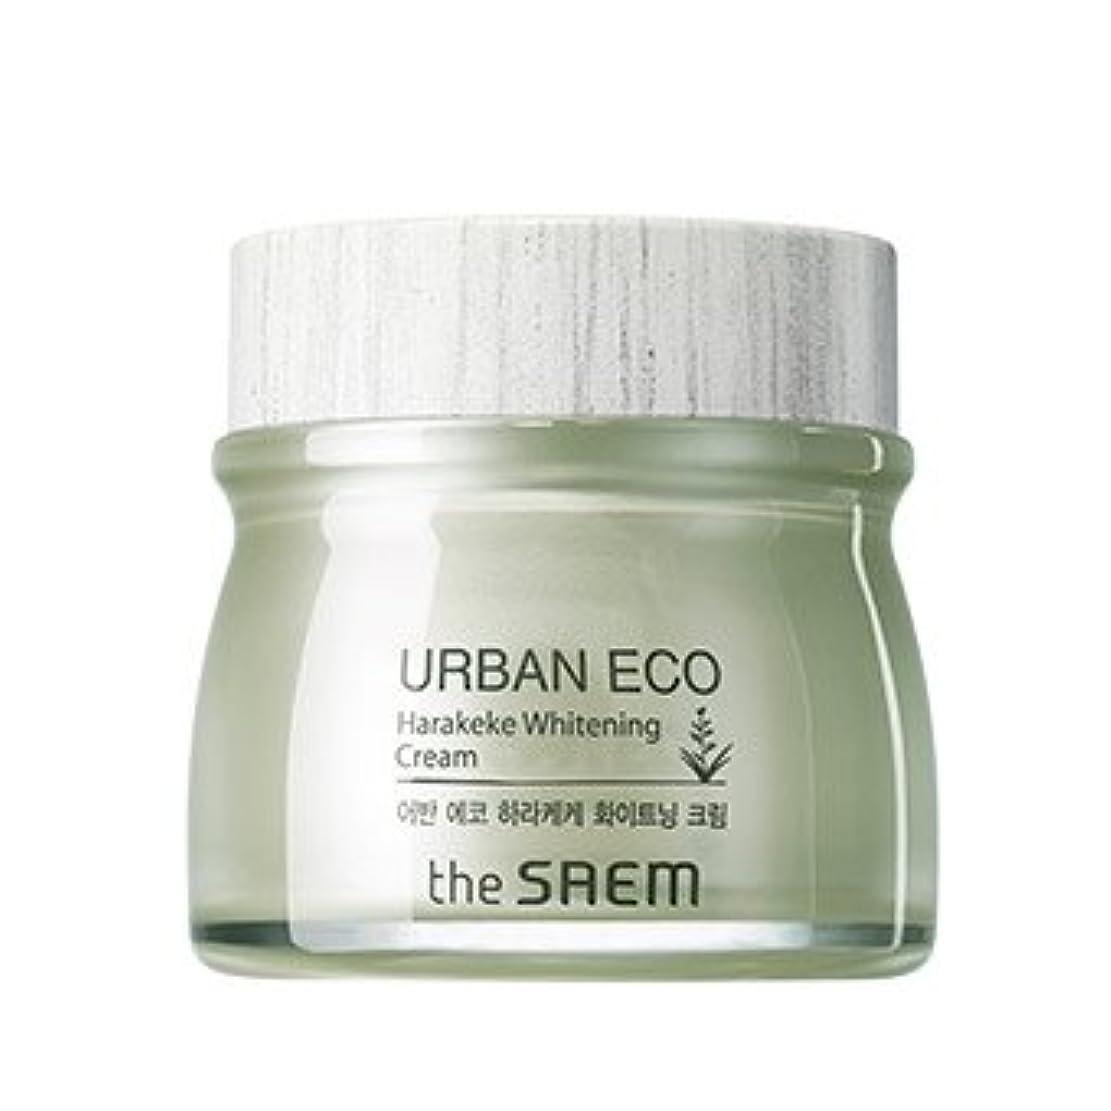 差別何ボットthe SAEM Urban Eco Harakeke Whitening Cream 60ml/ザセム アーバン エコ ハラケケ ホワイトニング クリーム 60ml